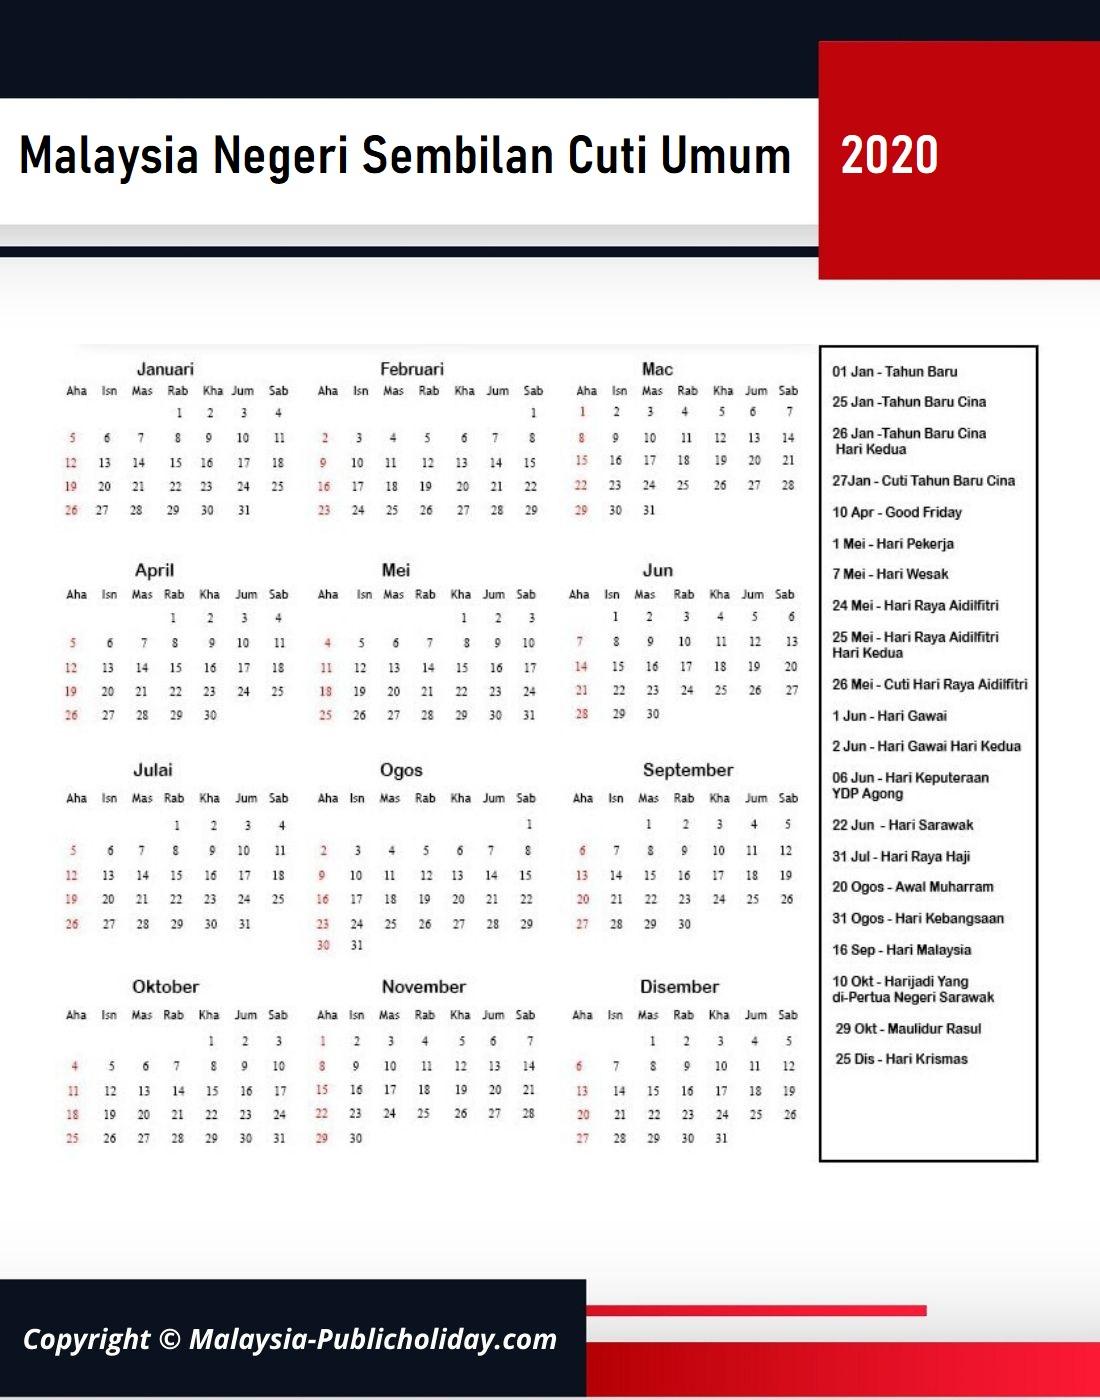 Cuti Umum Negeri Sembilan 2020 Malaysia